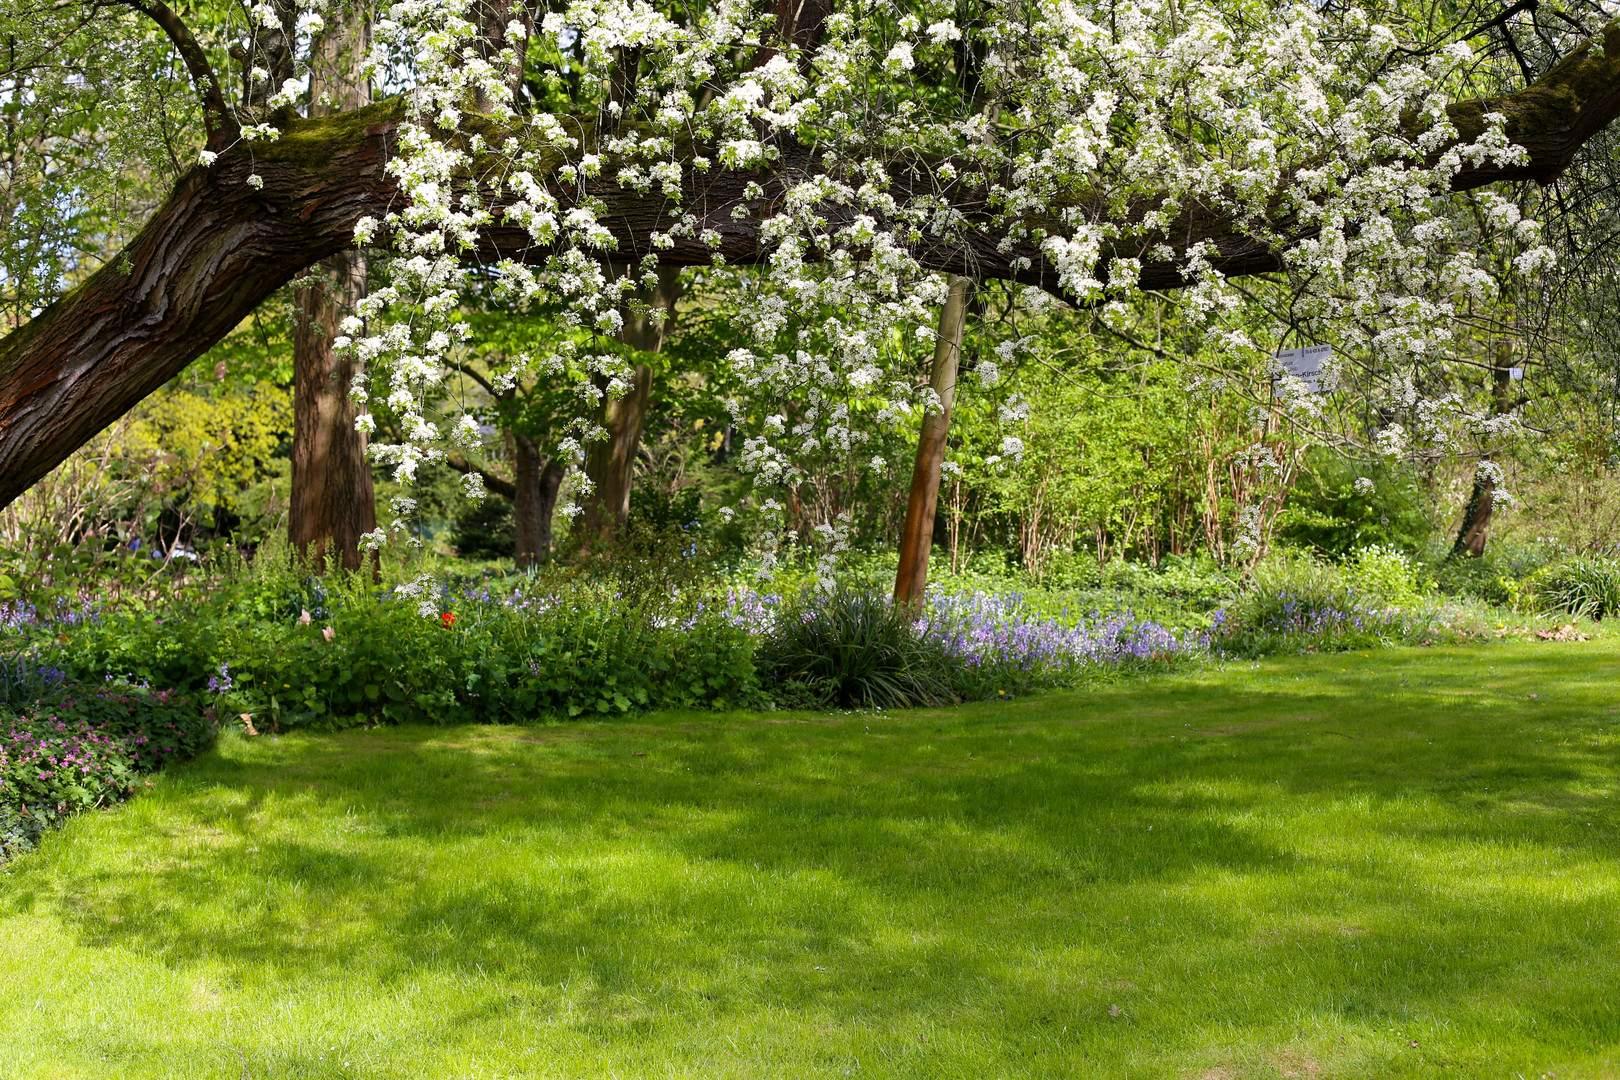 Garten Eden Inspirierend Garten Eden Foto & Bild